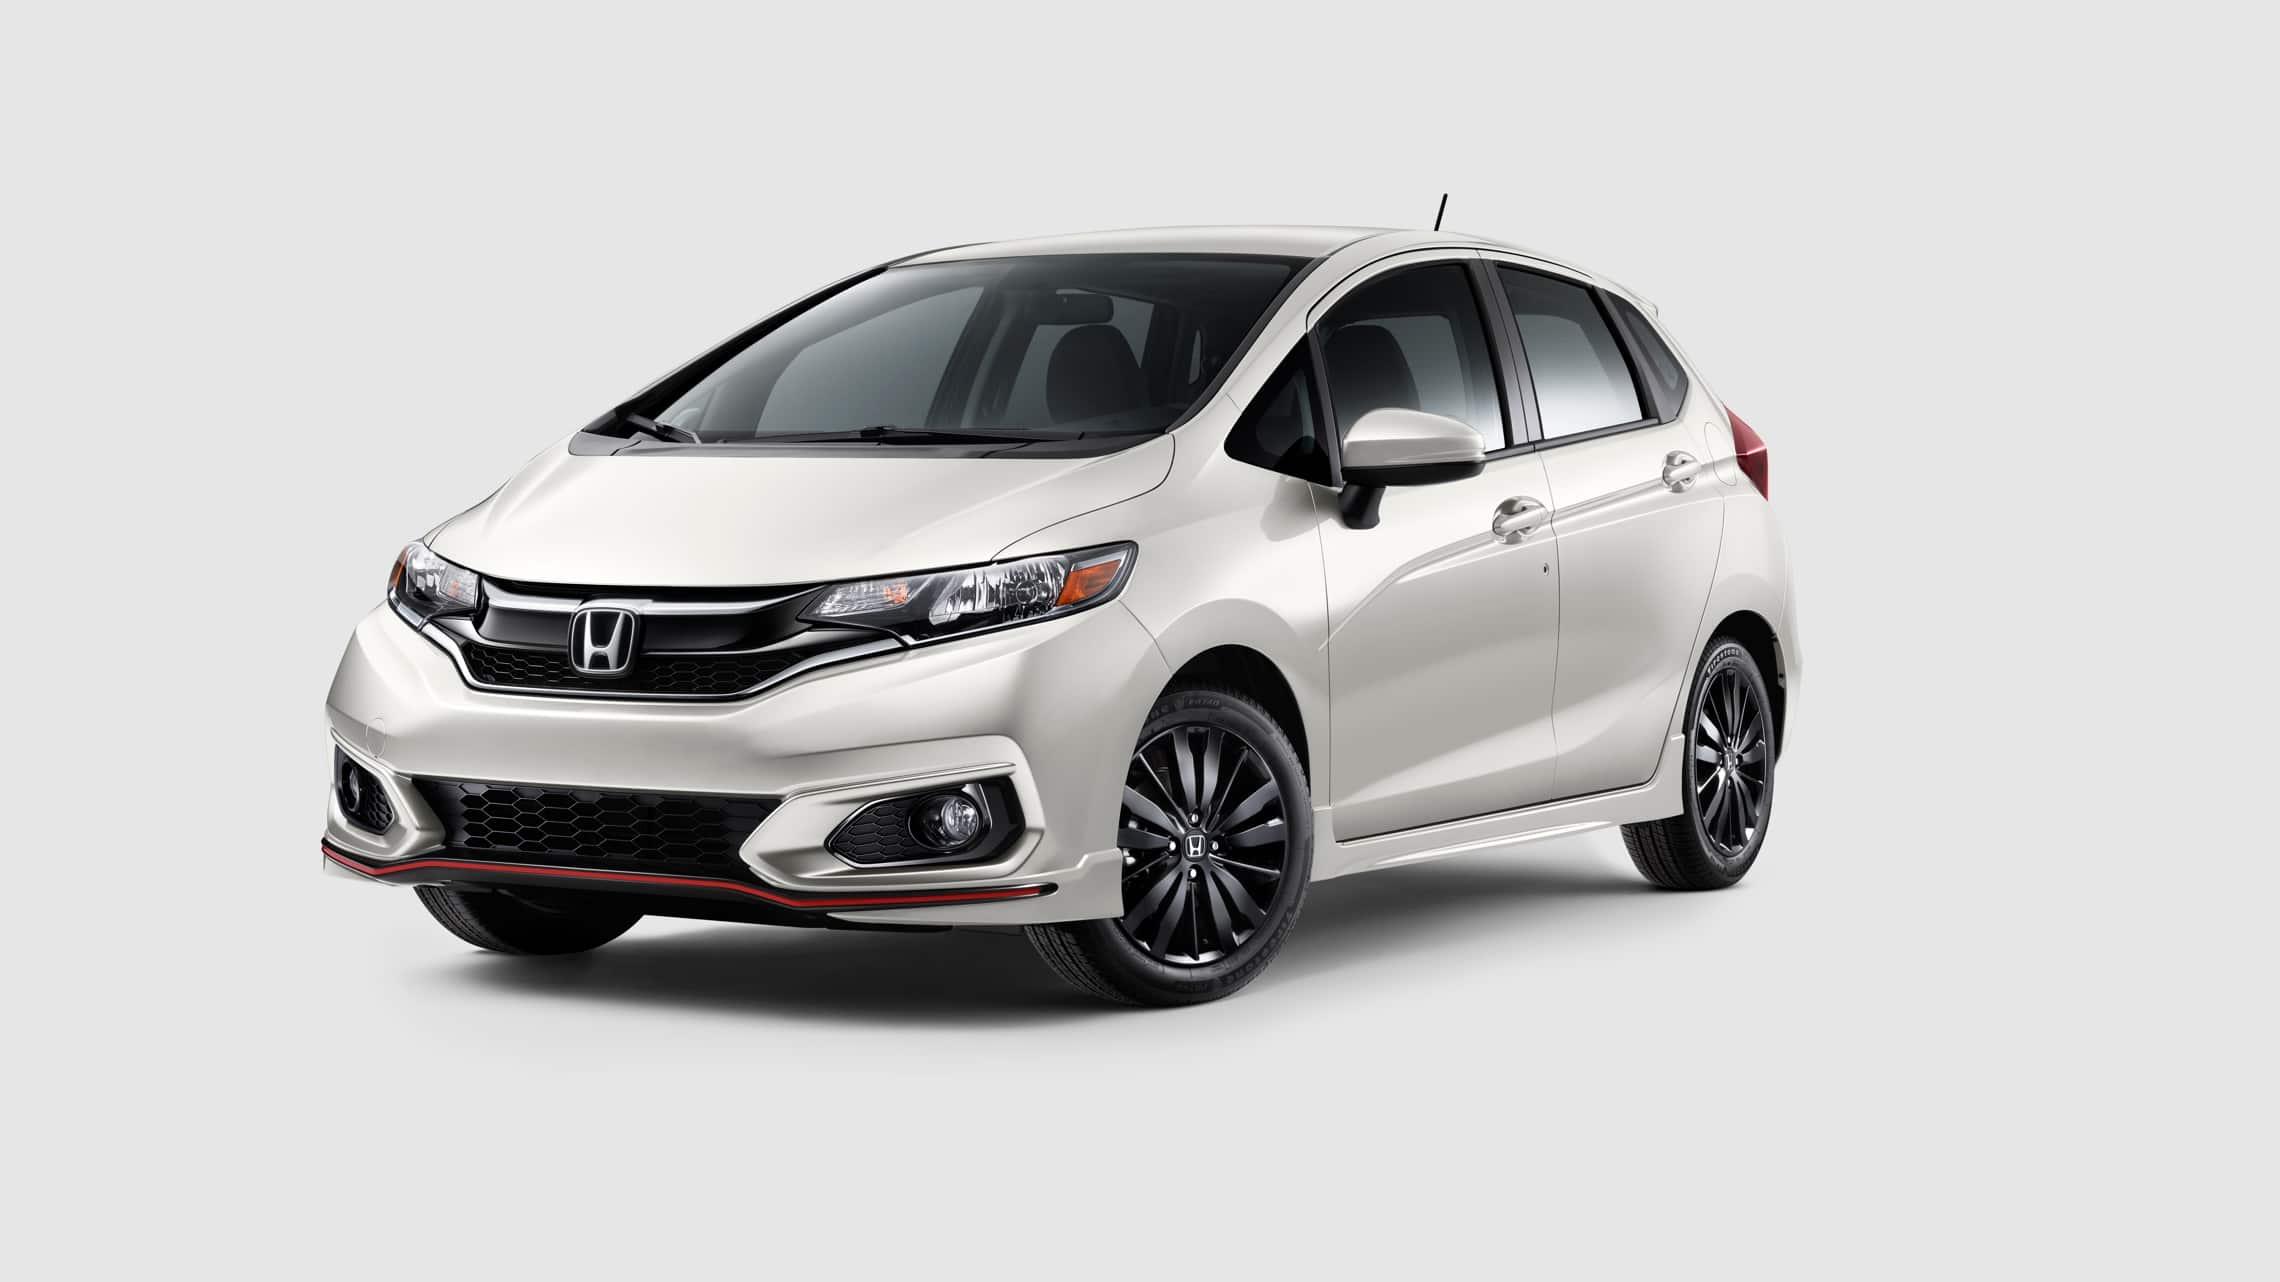 Vista frontal desde el lado del conductor del Honda Fit Sport2020 en Platinum White.